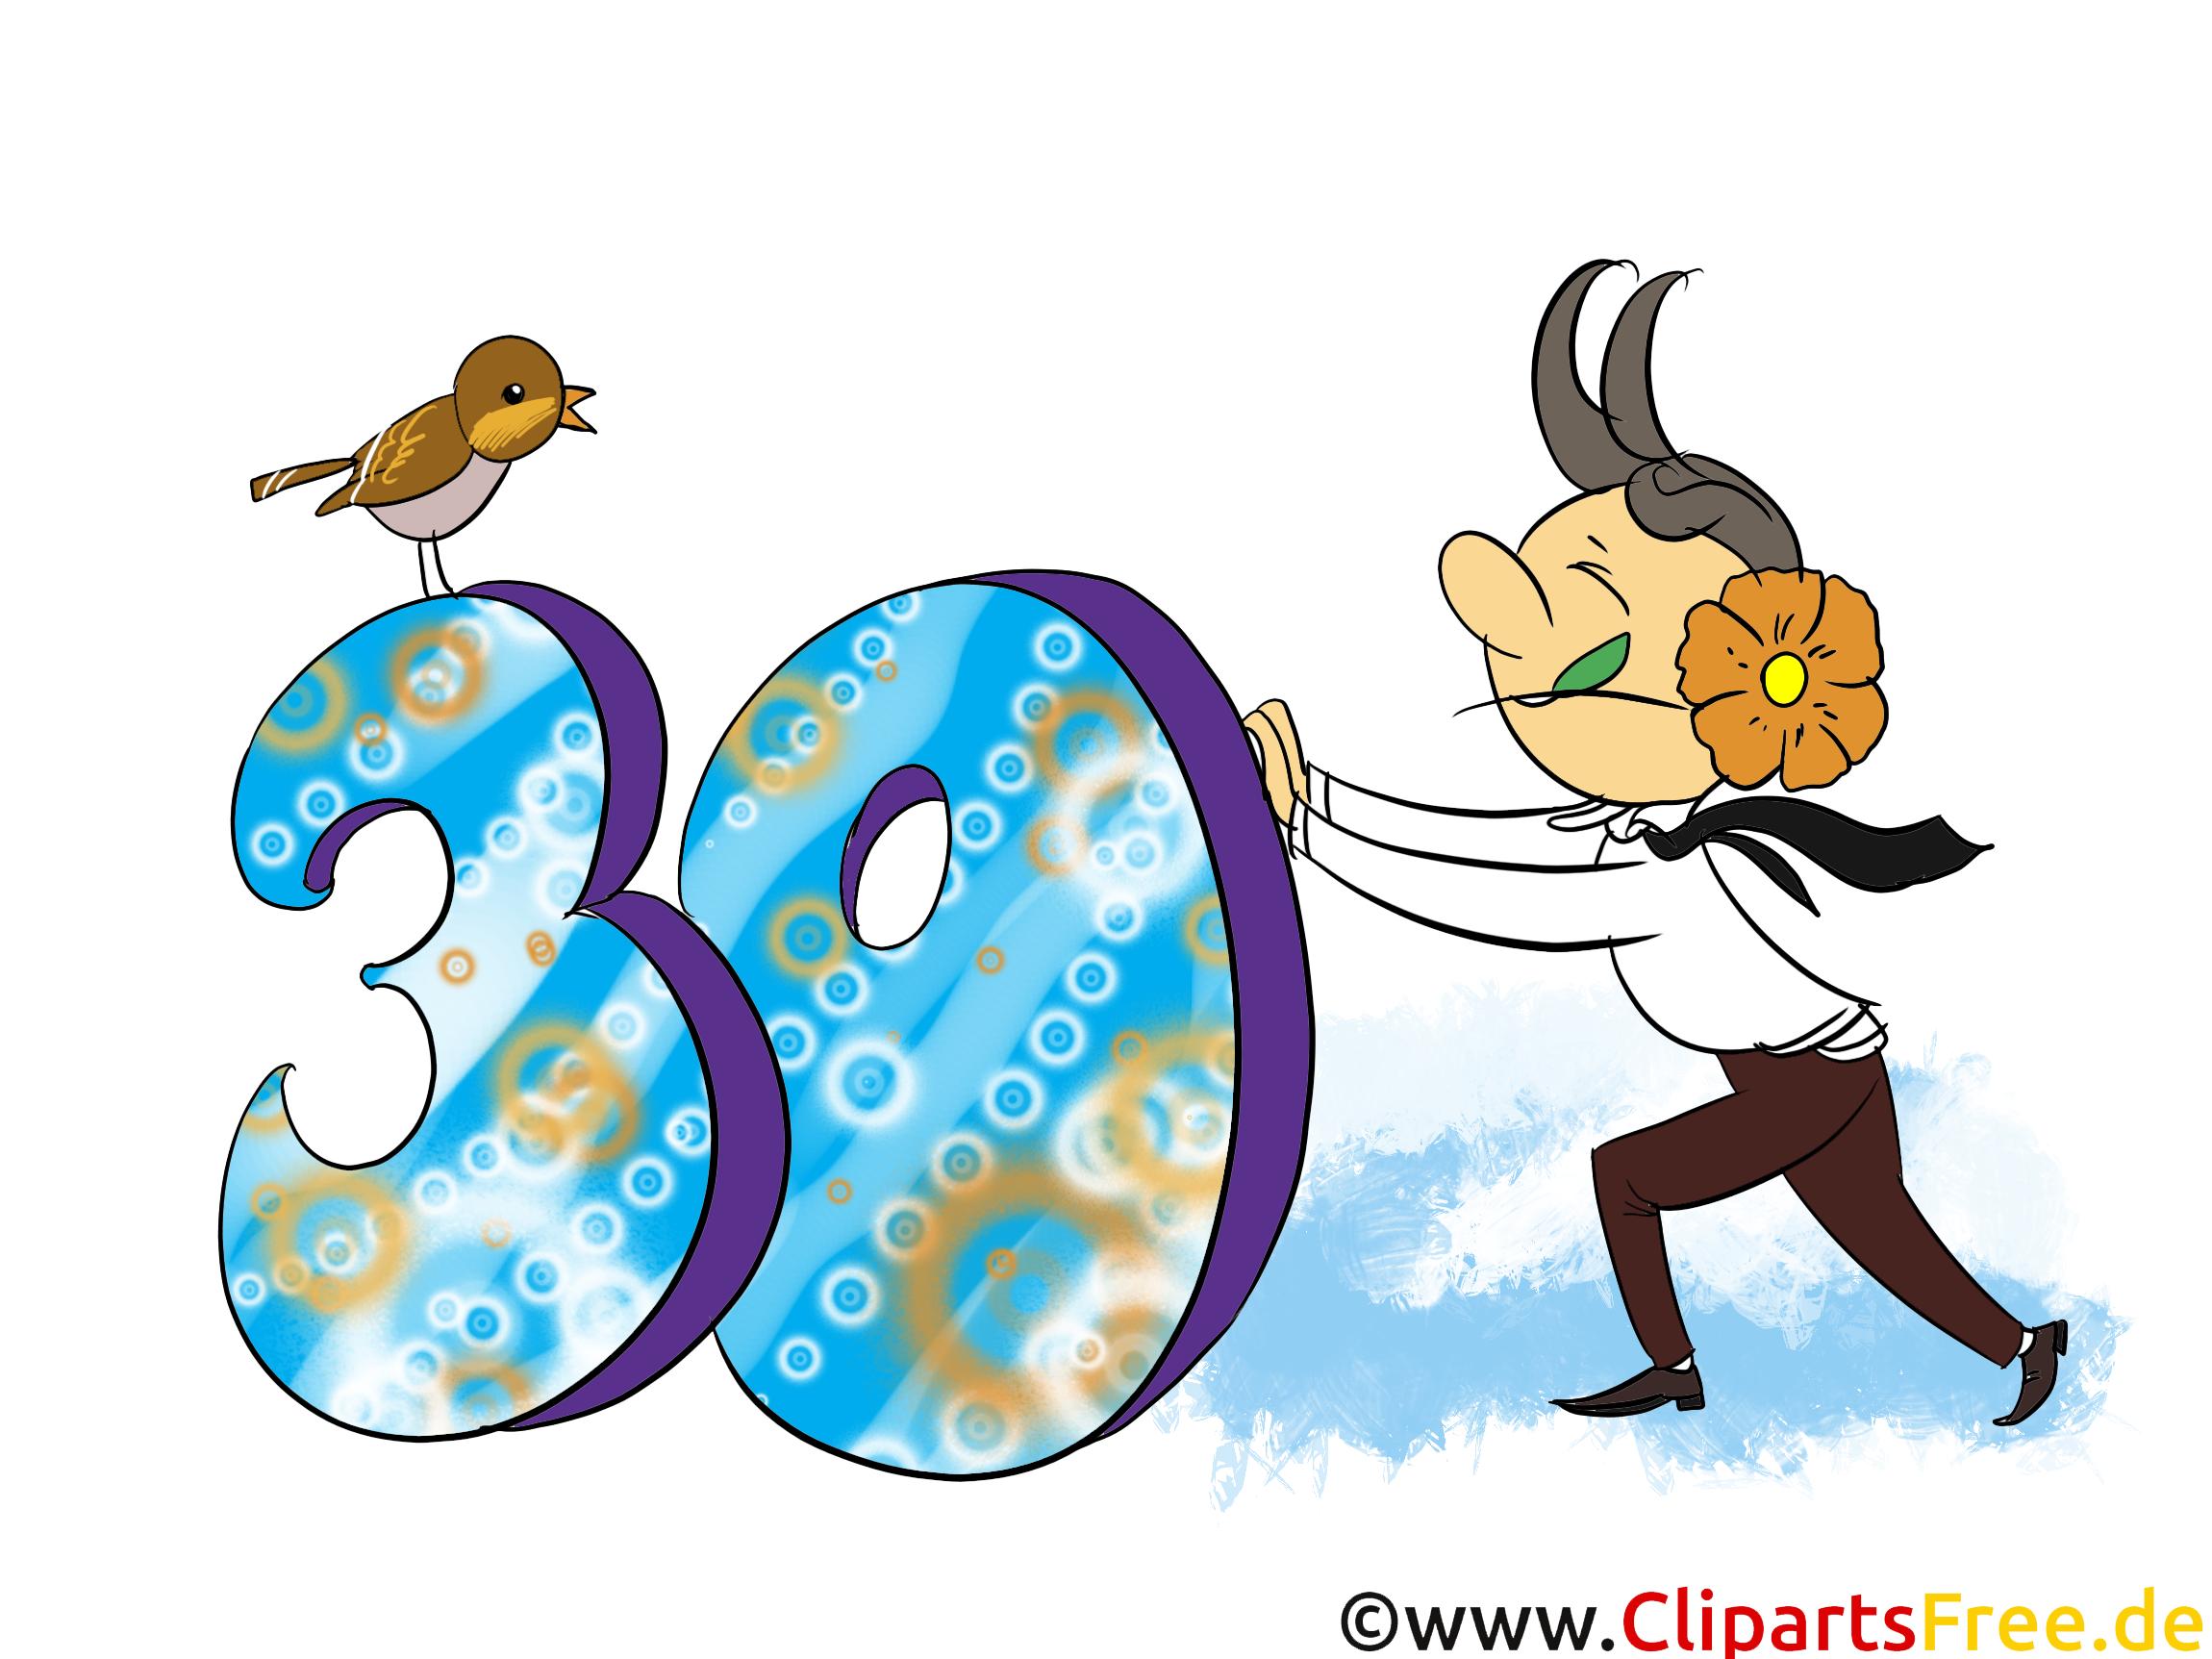 Grüsse Zum Geburtstag 30 Jahre   Clipart, Grusskarte, Glückwunschkarte,  ECard, Vorlage Einladung